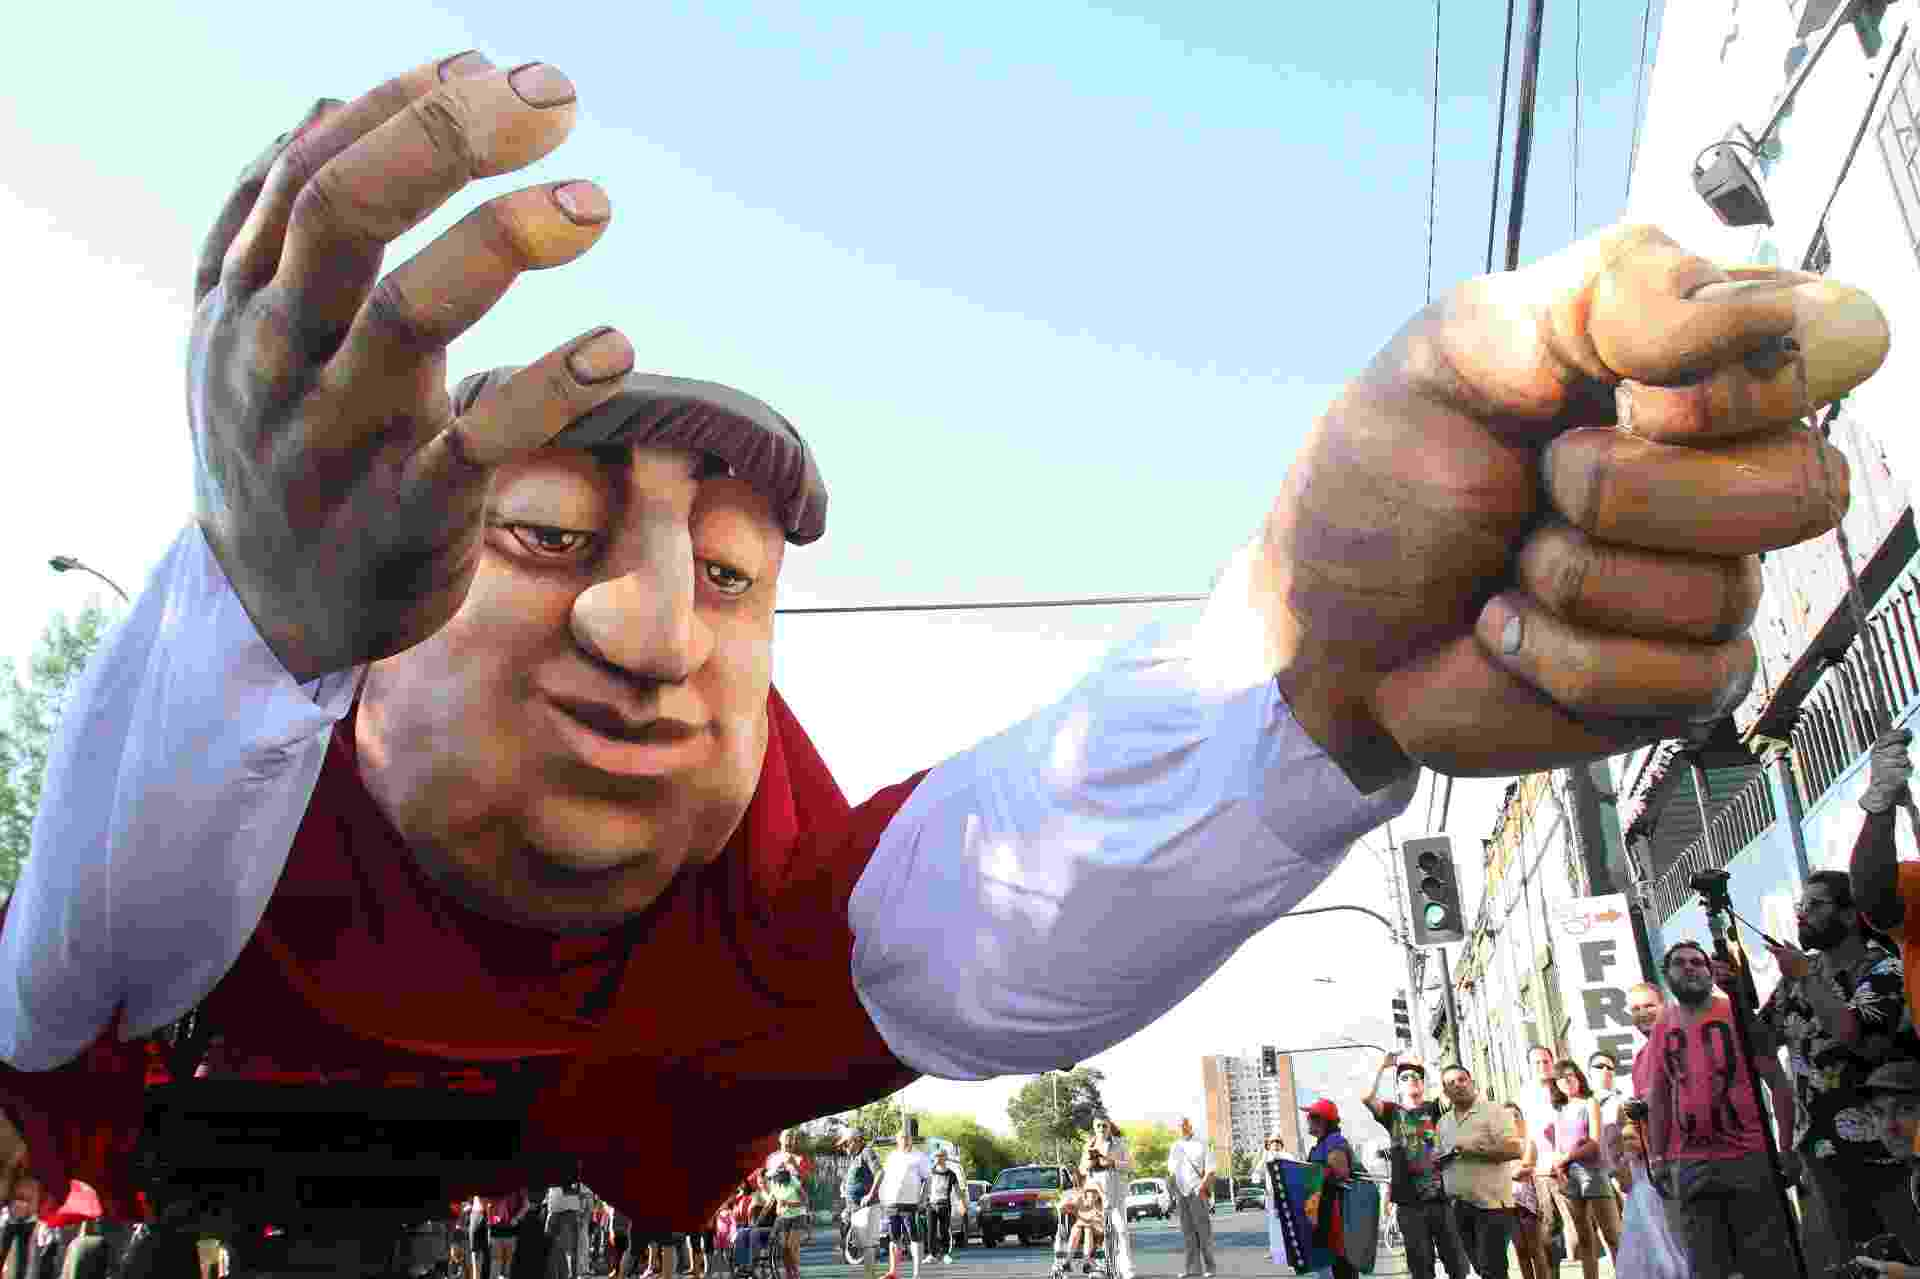 """26.dez.2015 - Uma imagem gigante do poeta chileno e prêmio Nobel de Literatura Pablo Neruda percorre por uma rua de Santiago durante o espetáculo """"Neruda vem voando"""" - EFE/ELVIS GONZÁLEZ"""